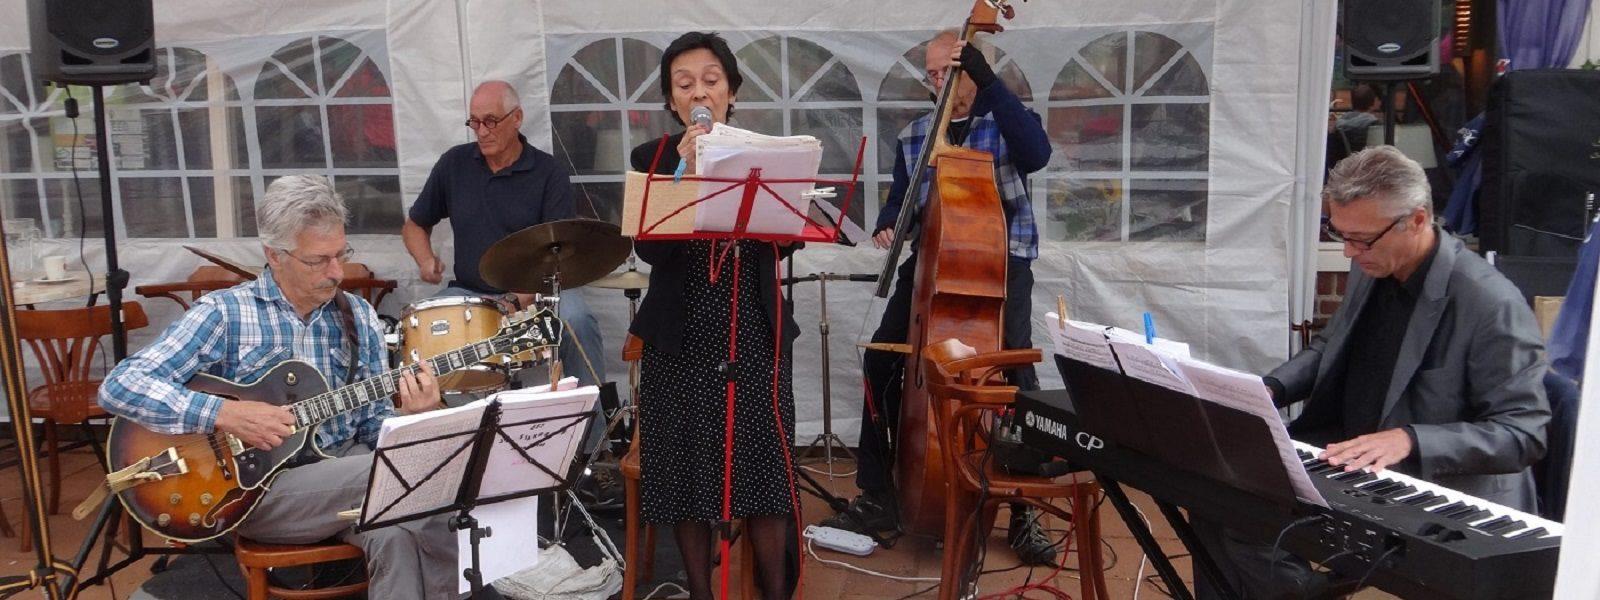 Jazzgoeson.nl